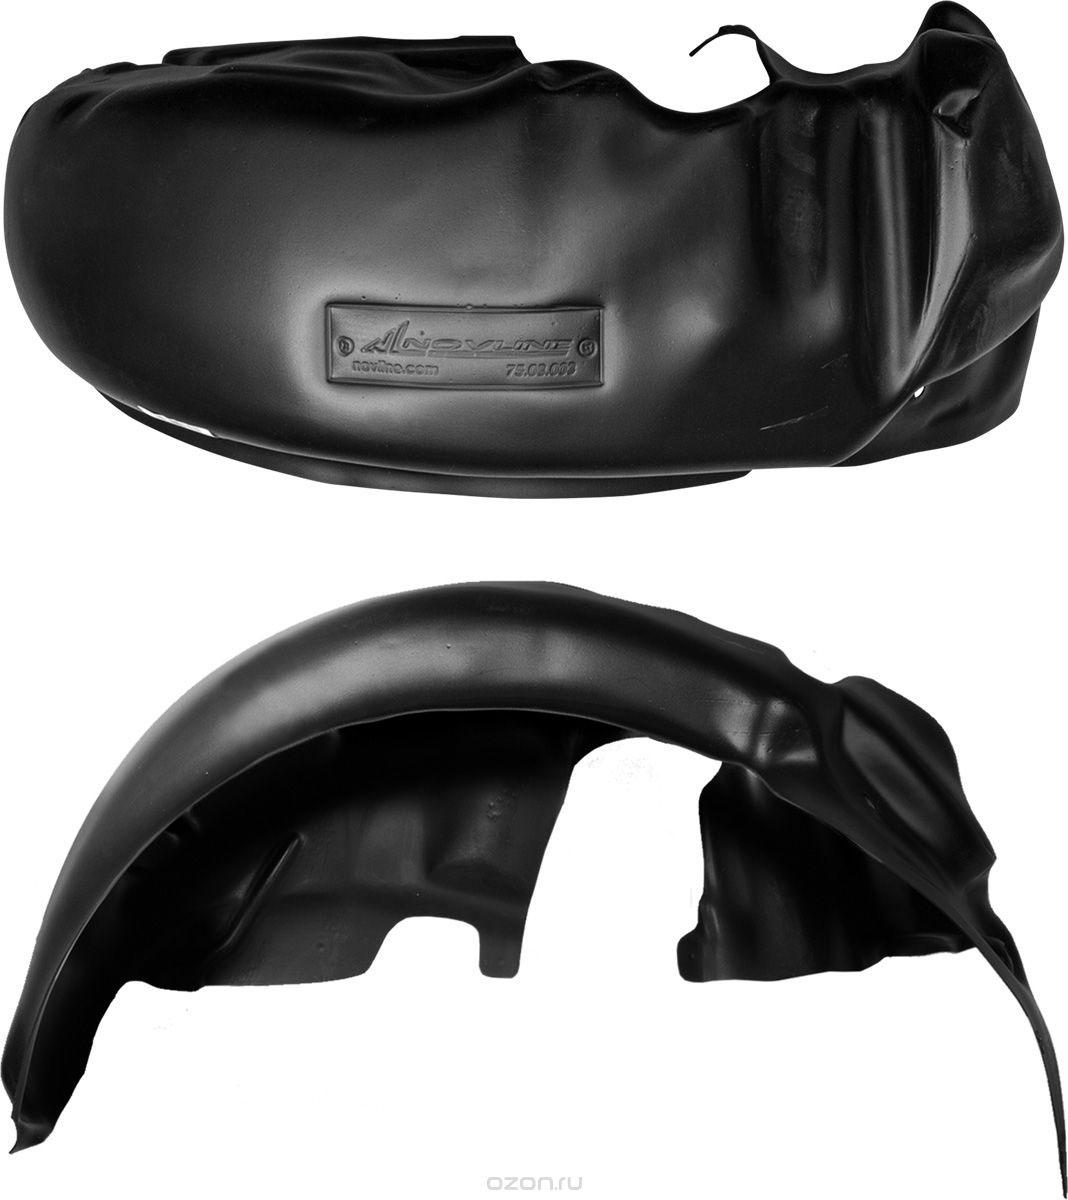 Подкрылок Novline-Autofamily, для TOYOTA Rav 4, 2012->, задний правыйNLL.48.53.004Идеальная защита колесной ниши. Локеры разработаны с применением цифровых технологий, гарантируют максимальную повторяемость поверхности арки. Изделия устанавливаются без нарушения лакокрасочного покрытия автомобиля, каждый подкрылок комплектуется крепежом. Уважаемые клиенты, обращаем ваше внимание, что фотографии на подкрылки универсальные и не отражают реальную форму изделия. При этом само изделие идет точно под размер указанного автомобиля.